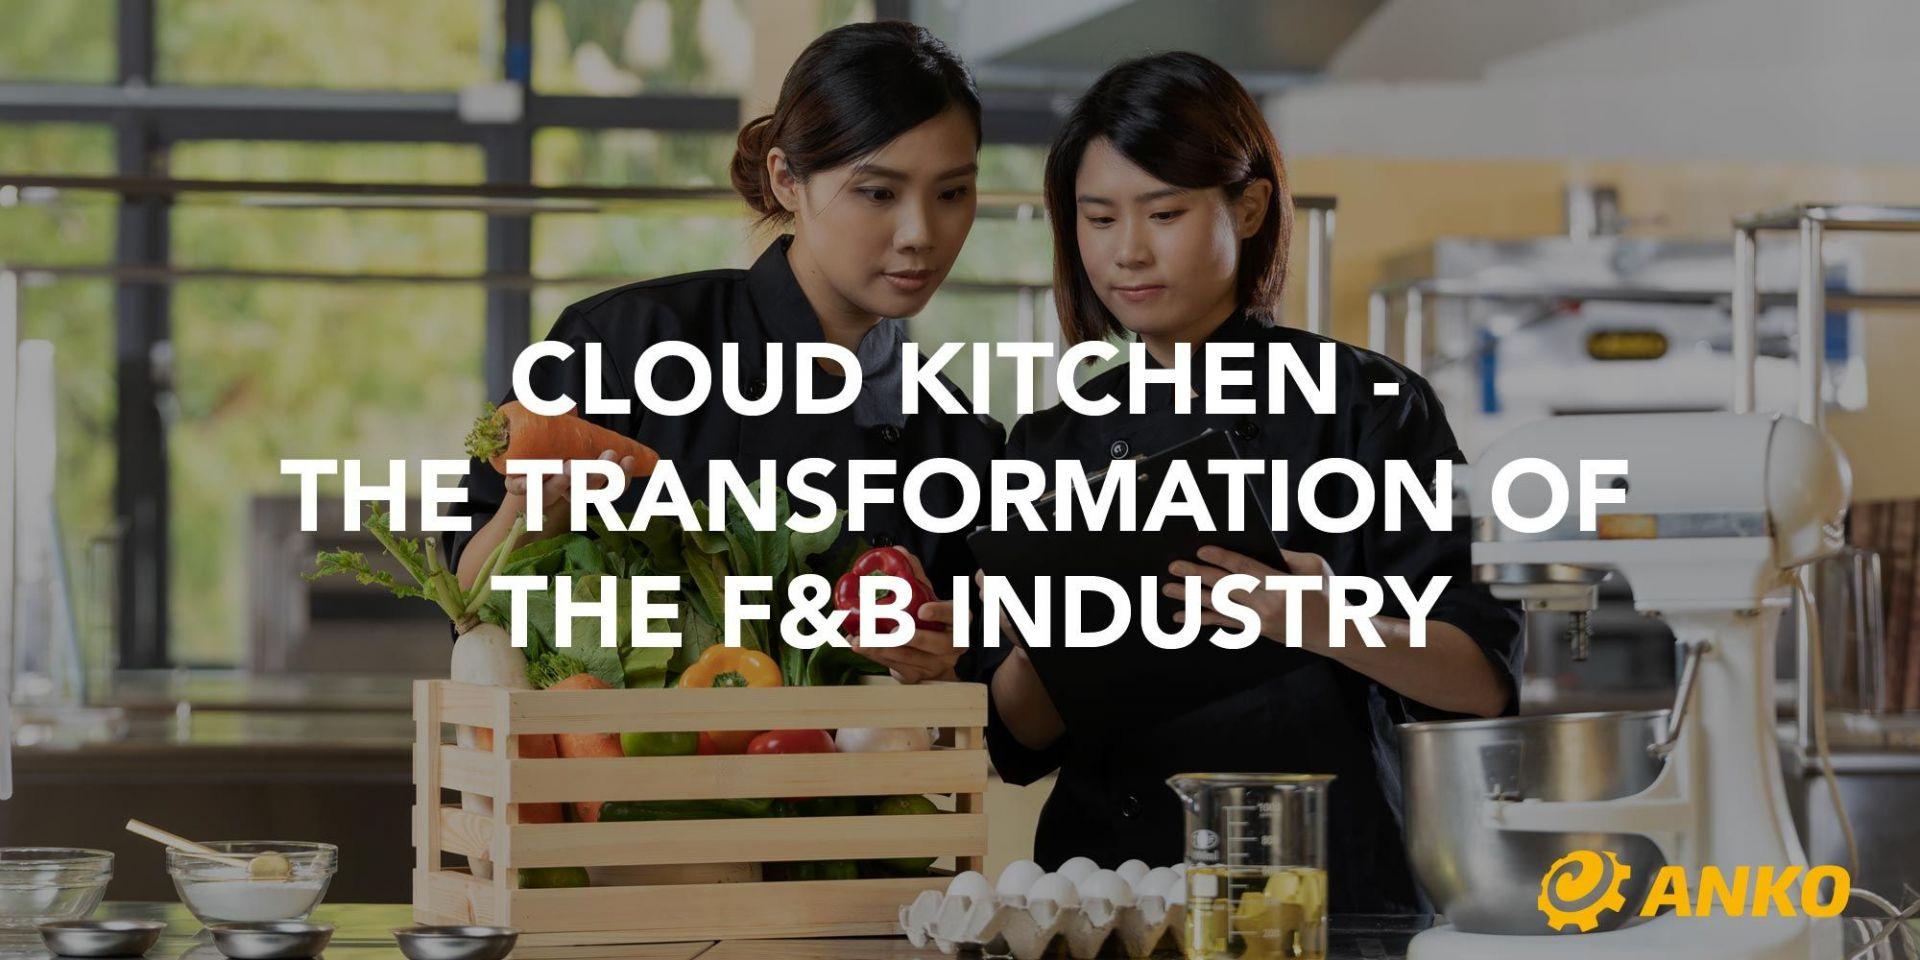 【Trends inden for fødevareindustrien】 F&B Industry Revolution - The Rise of Cloud Kitchens